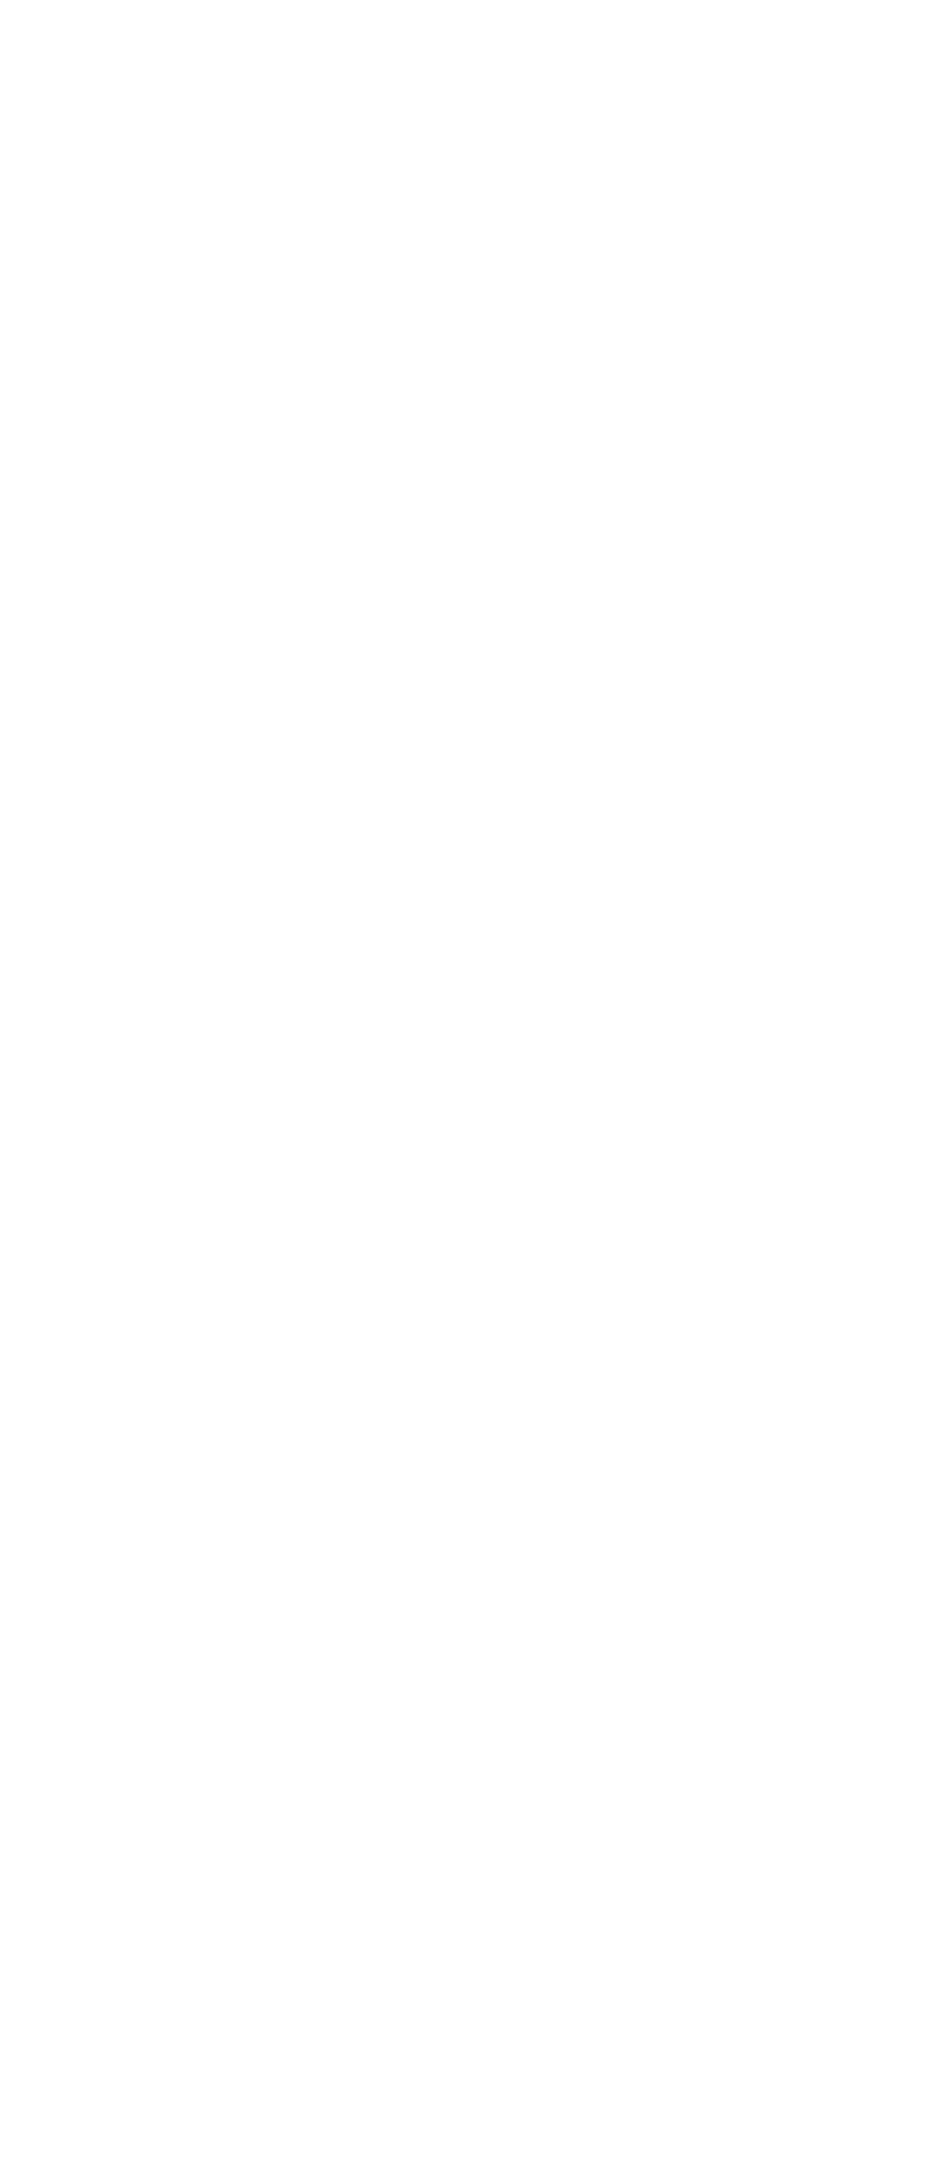 Uomo Versace Abbigliamento Articolo Codice Bu90400-bj10289-b1008